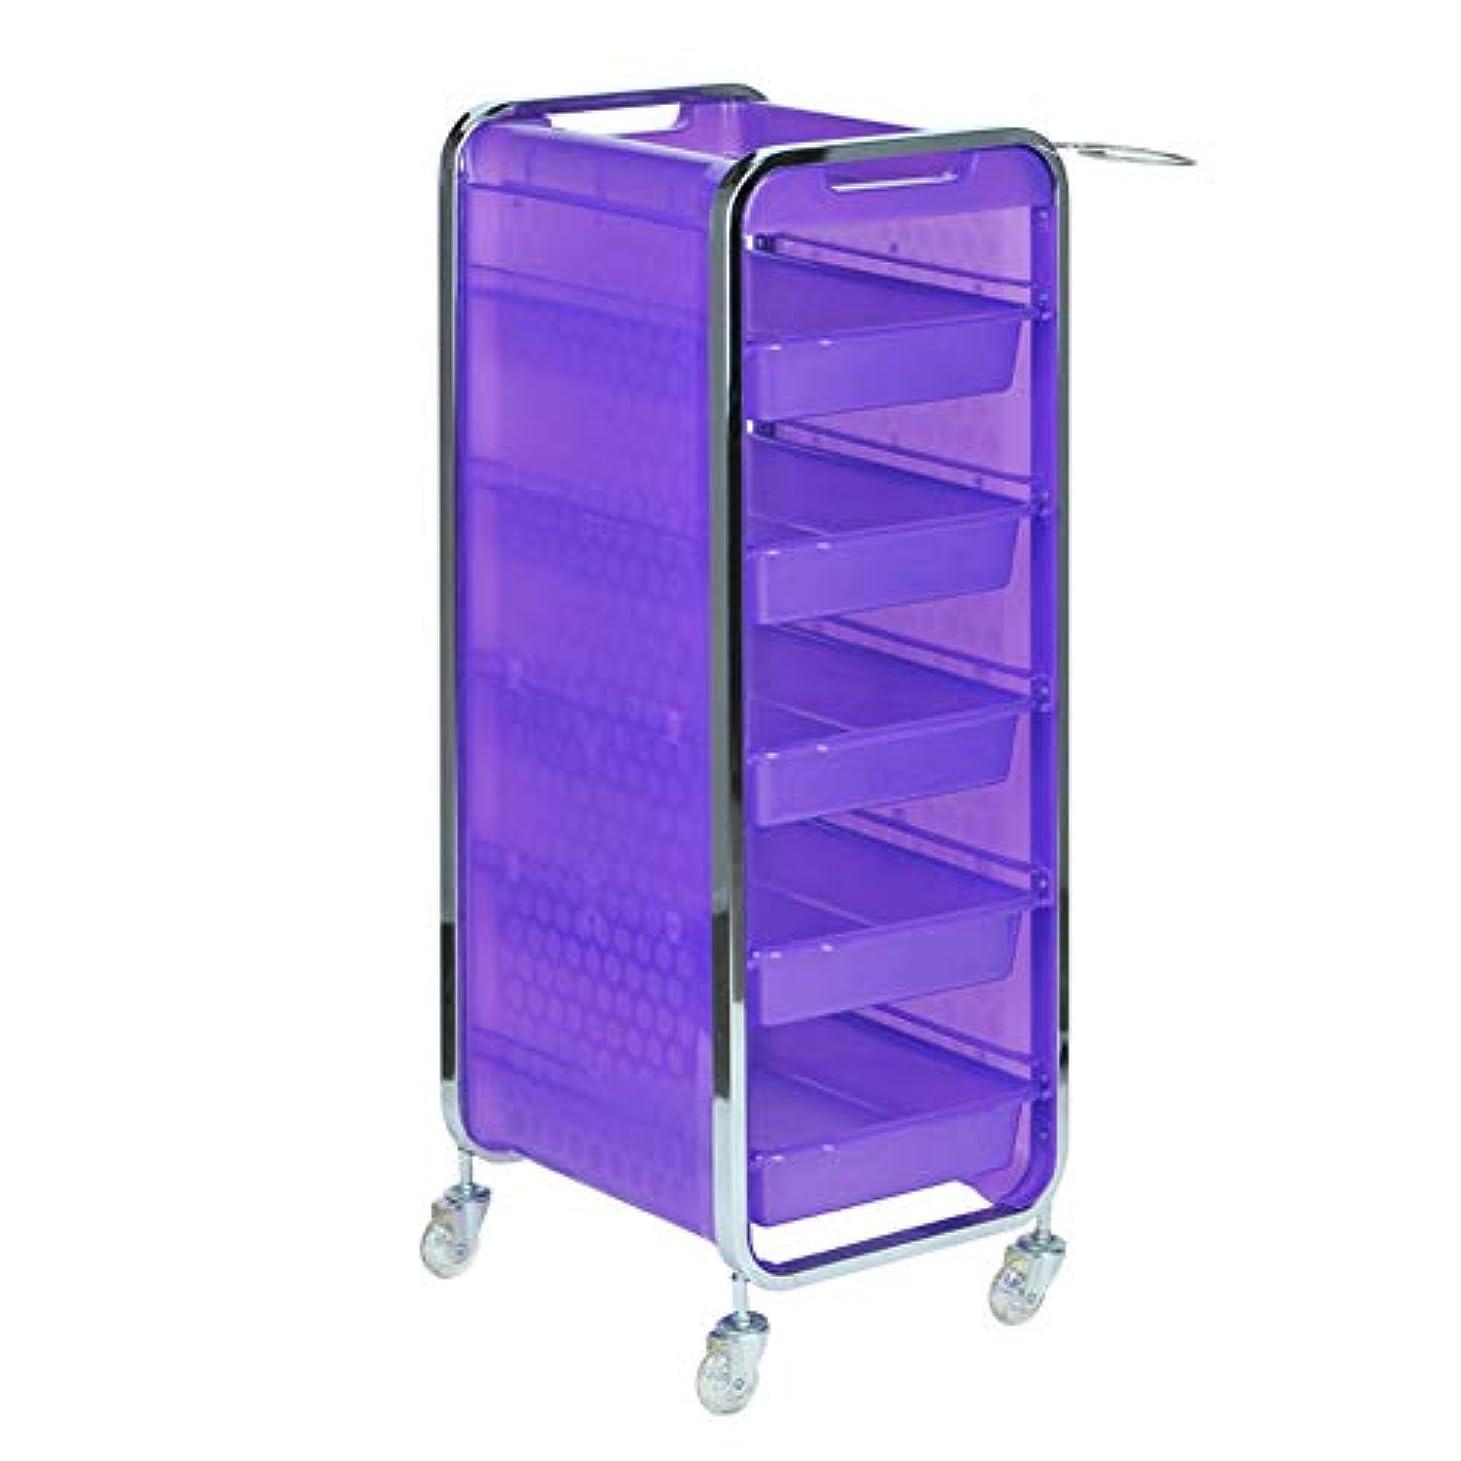 反射余韻眉をひそめるサロン美容院トロリー美容美容収納カート6層トレイ多機能引き出し虹色,Purple,A